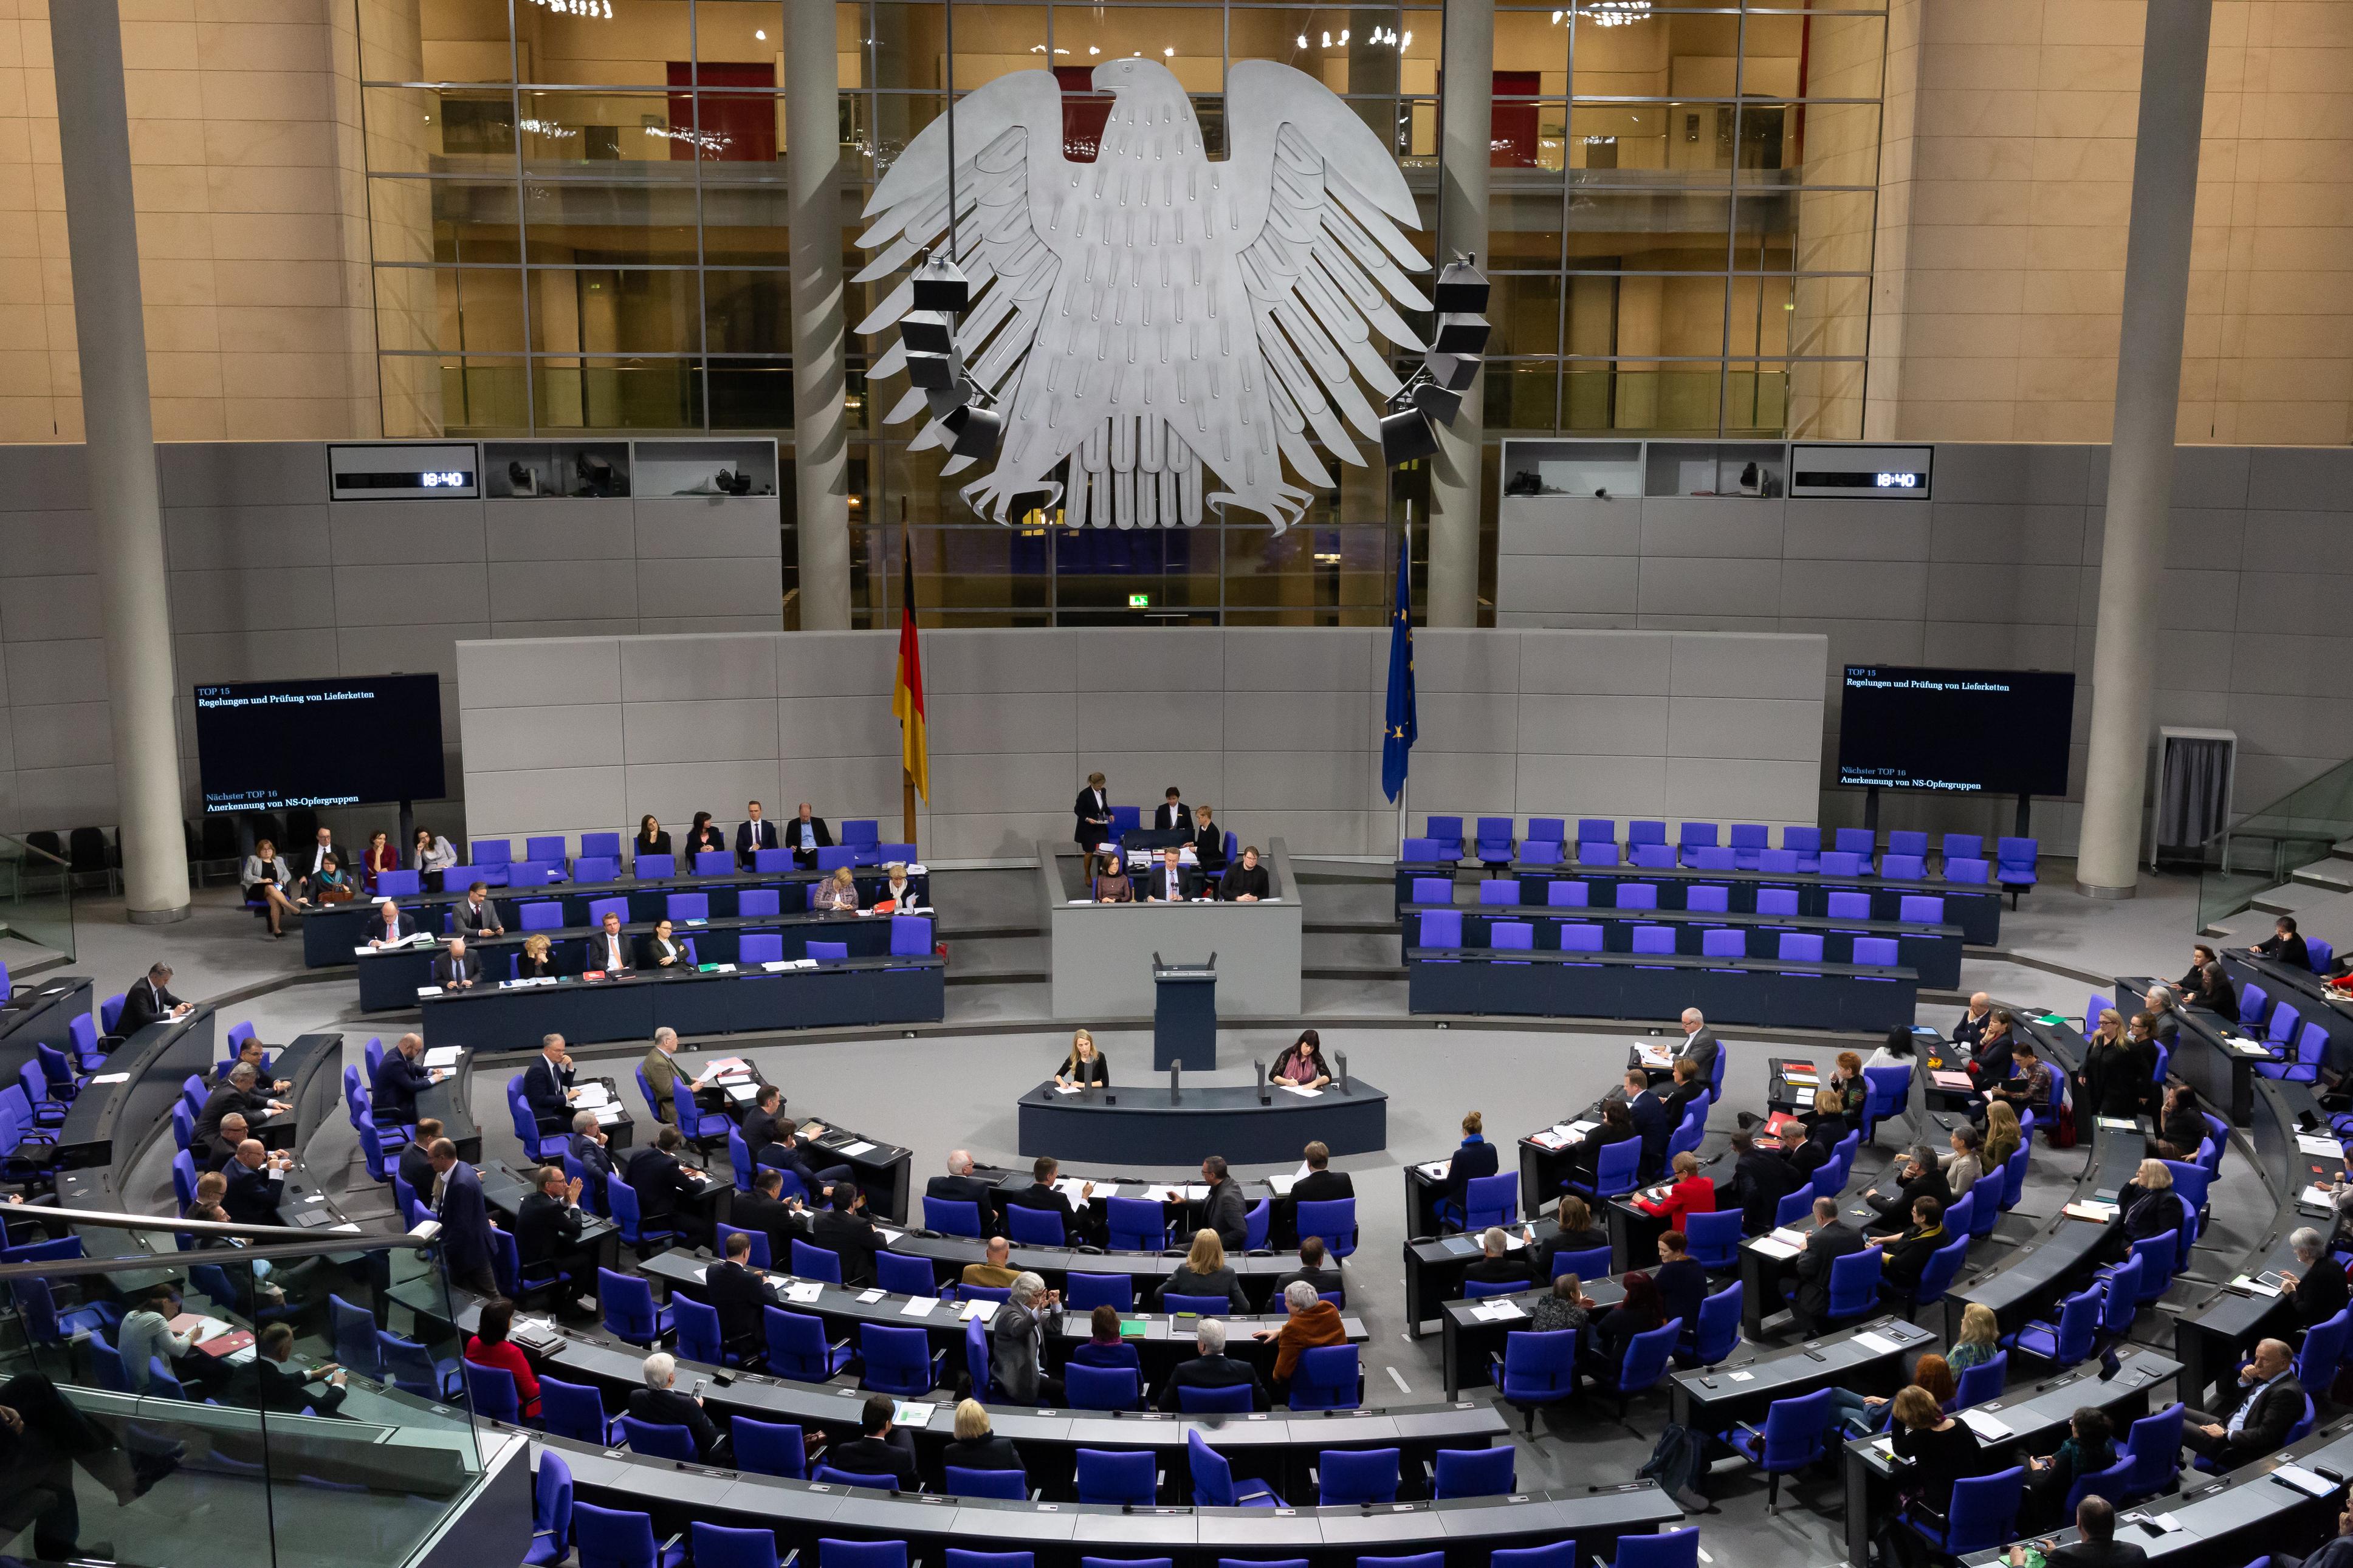 File:2020-02-13 Deutscher Bundestag IMG 3438 by Stepro.jpg - Wikipedia